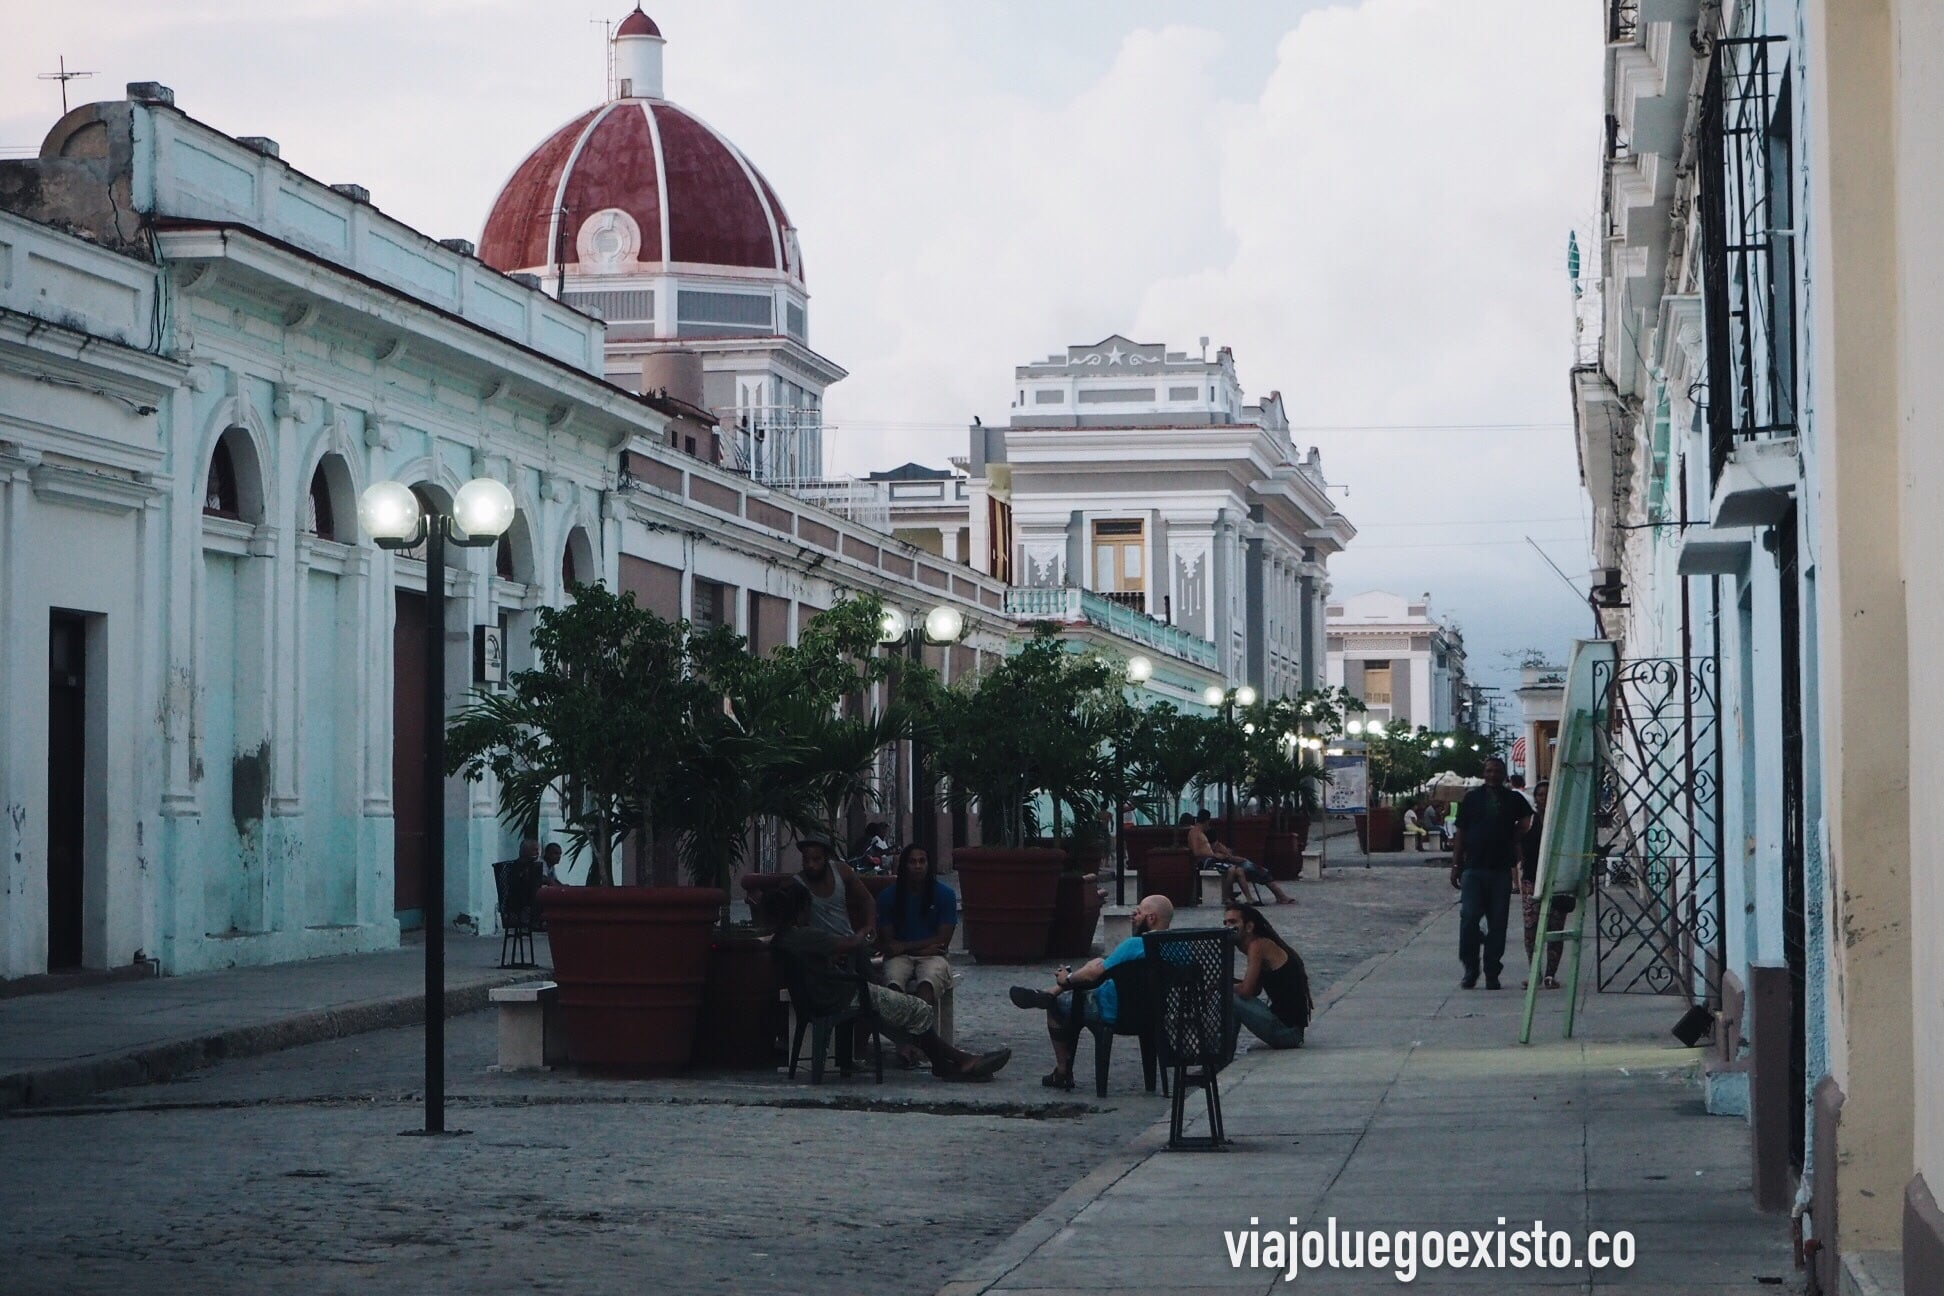 Centro histórico de Cienfuegos, Patrimonio de la Humanidad por la UNESCO.